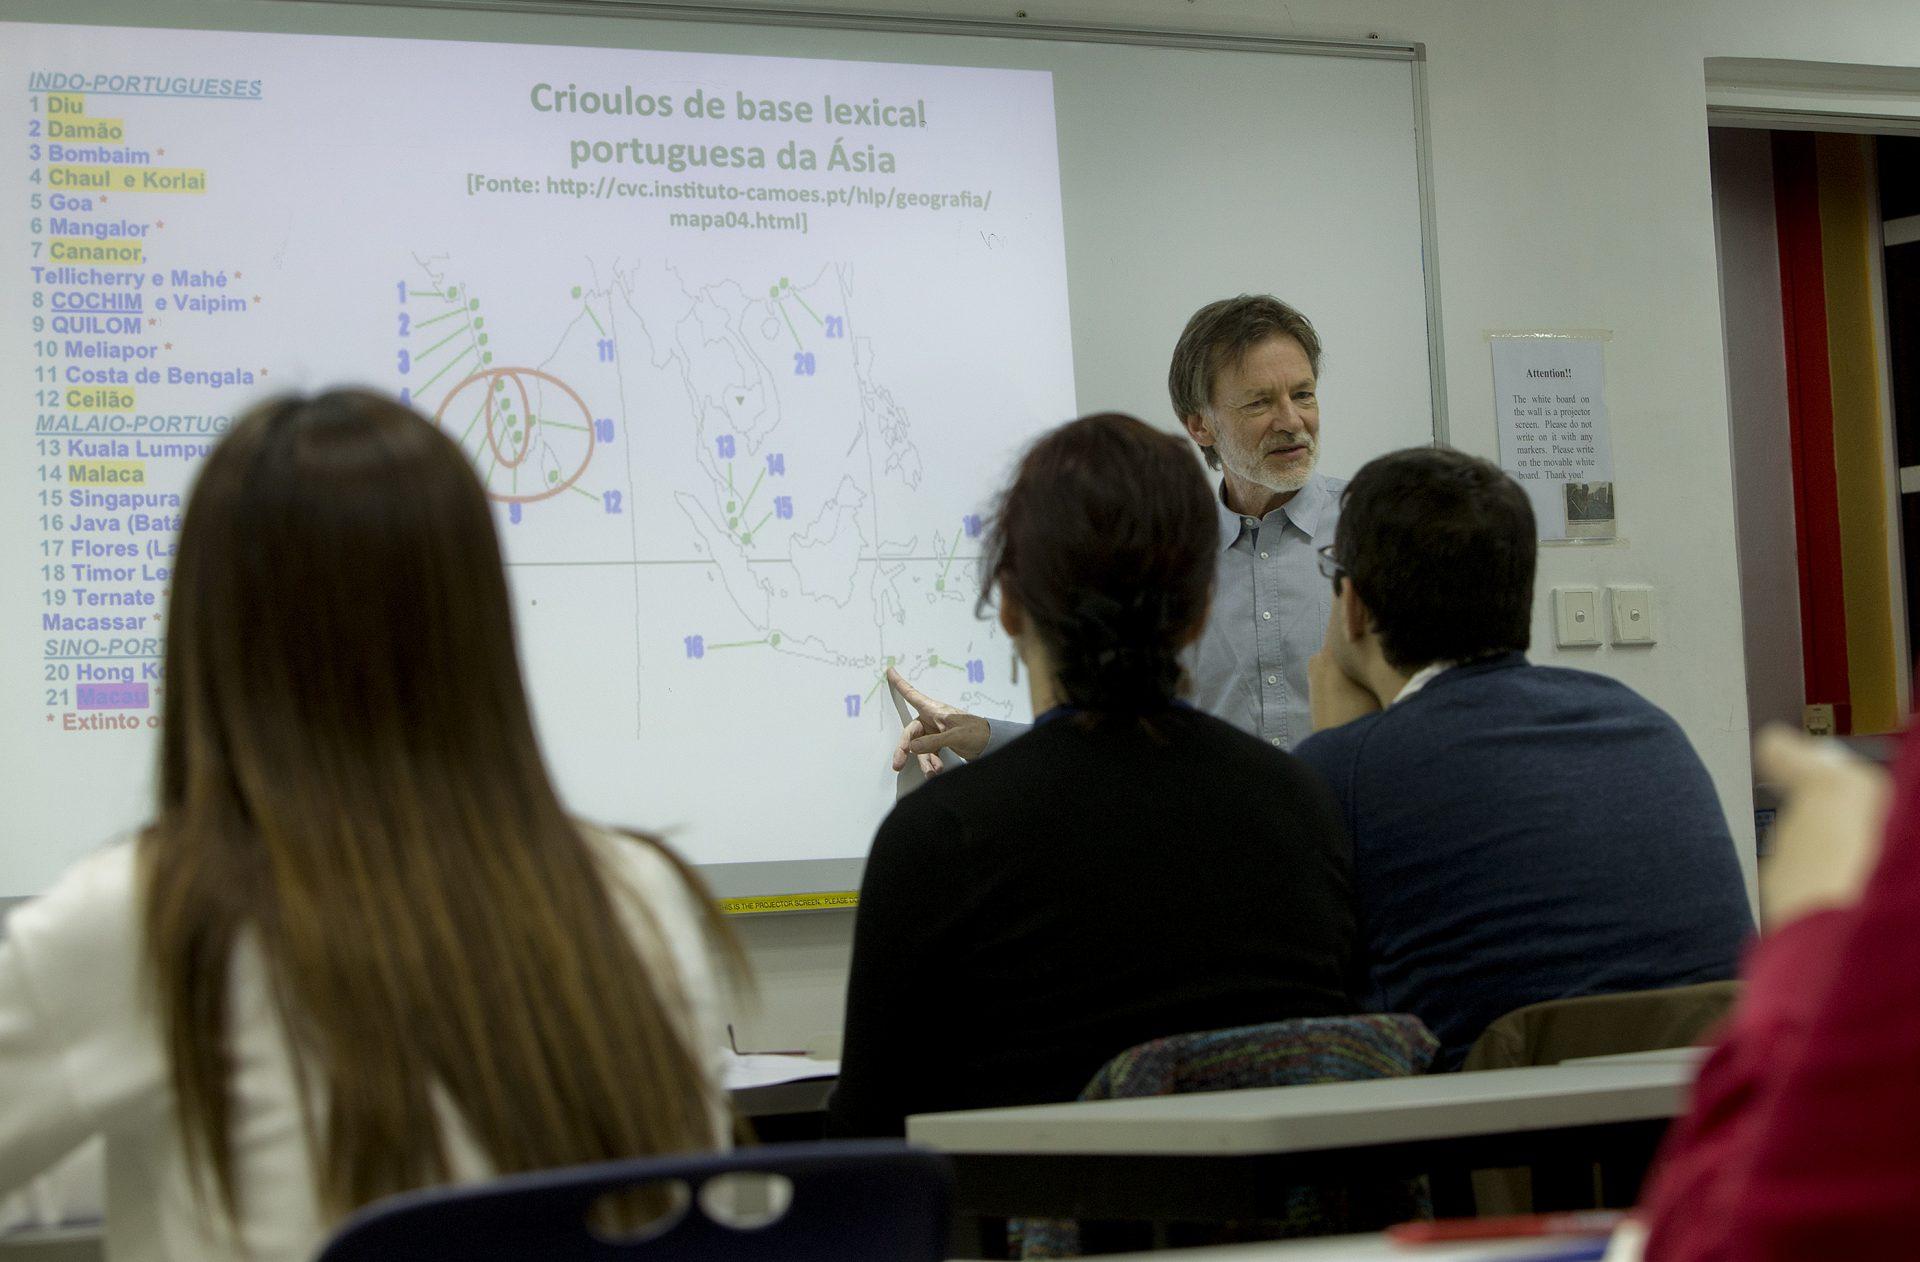 Vários macaenses marcaram hoje presença na primeira aula de patuá, crioulo de base portuguesa de Macau, na Universidade de São José (USJ), CARMO CORREIA / LUSA